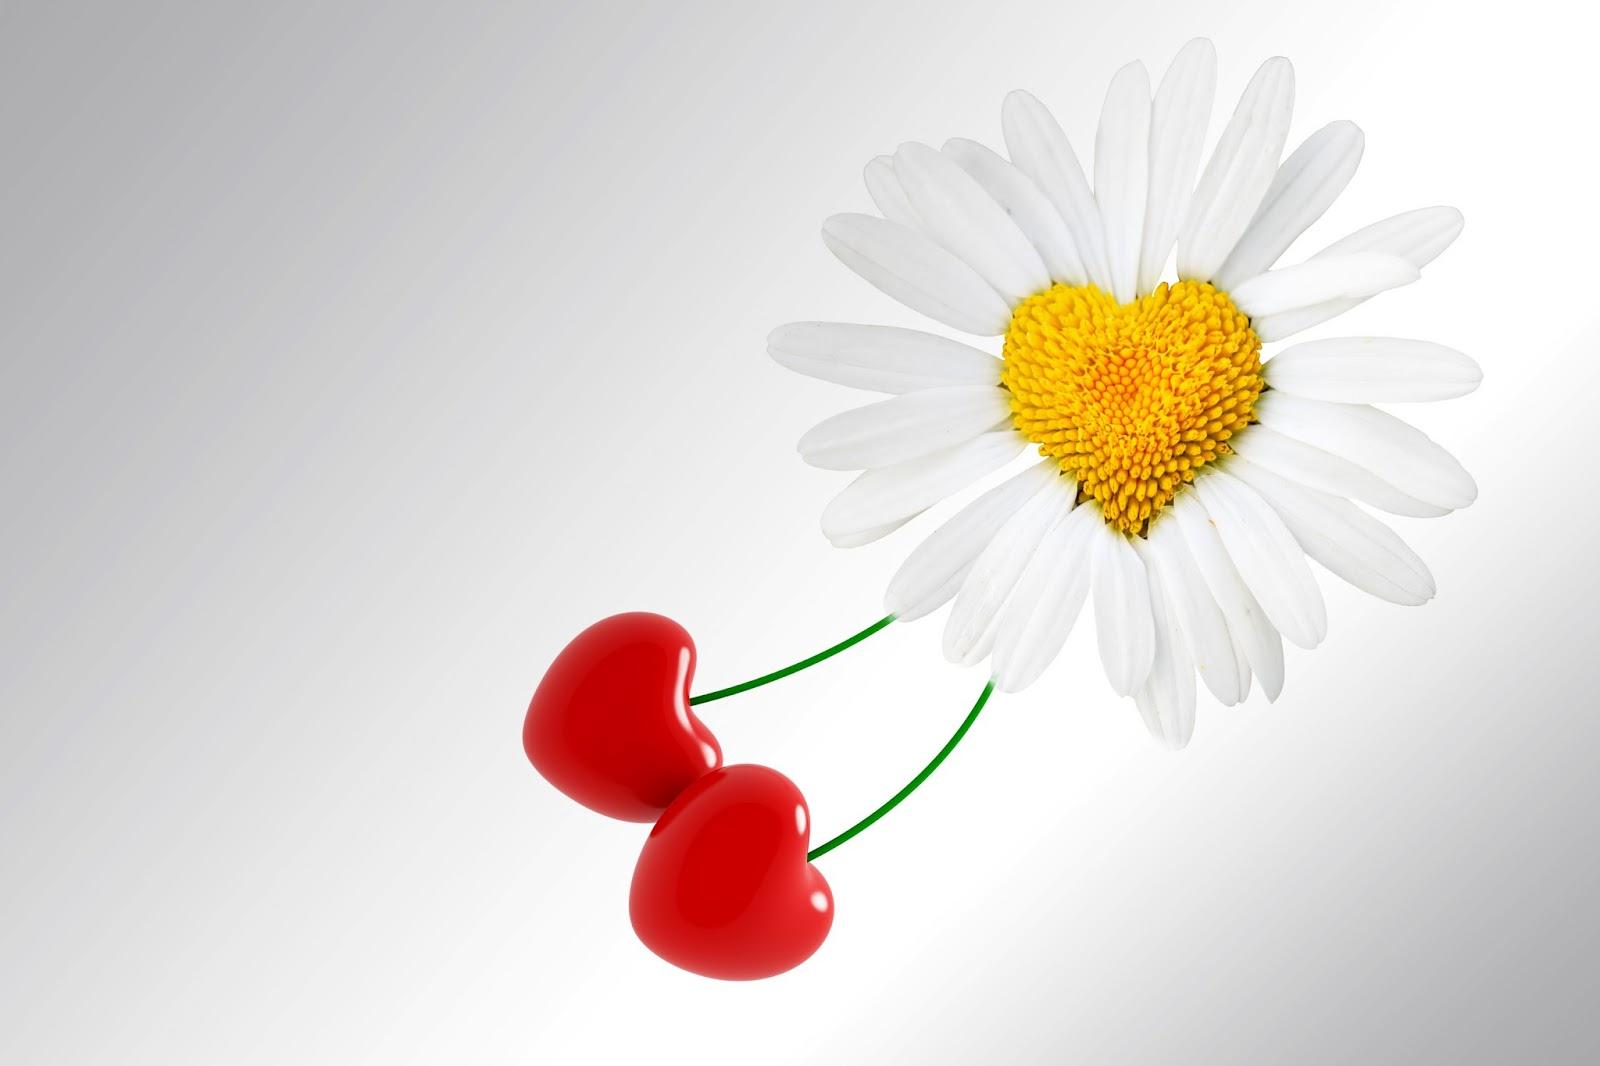 Fondos De Pantalla Gratis San Valentin 16: Descarga Fondos HD: Fondo De Pantalla